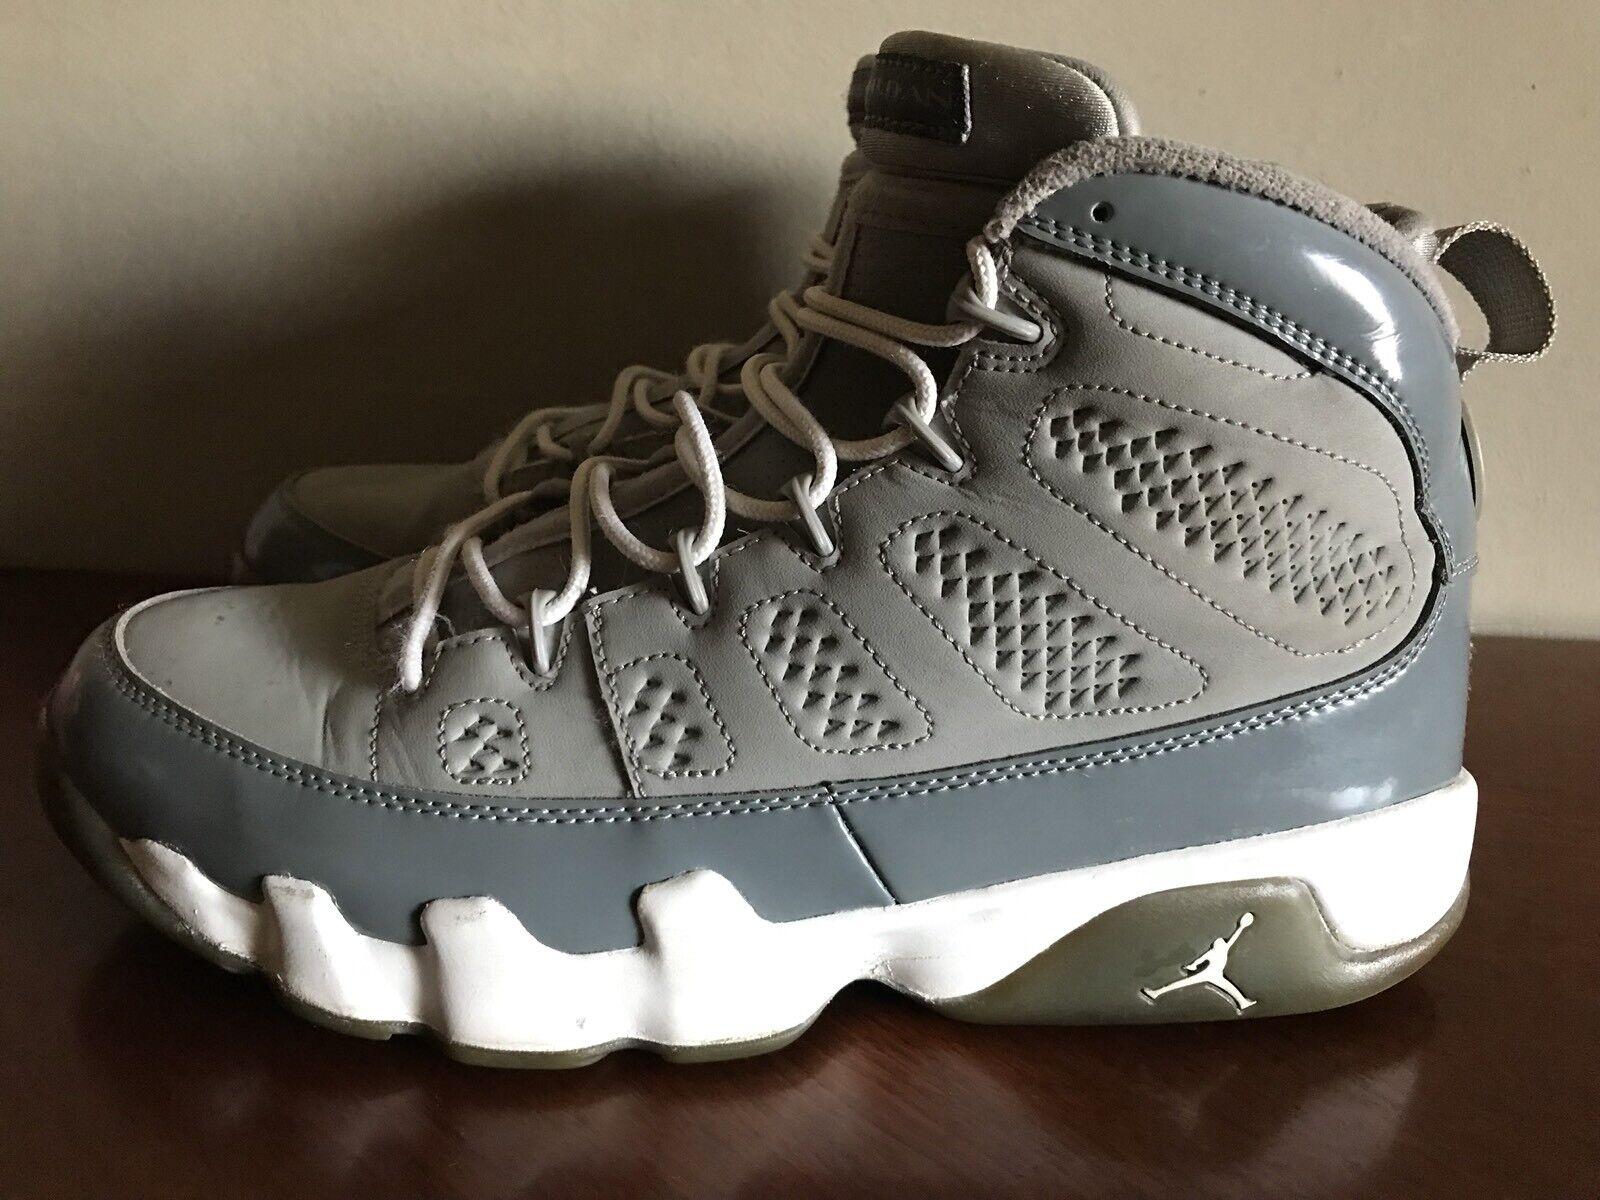 Nike Air Jorda 9 Cool Grey Size 8